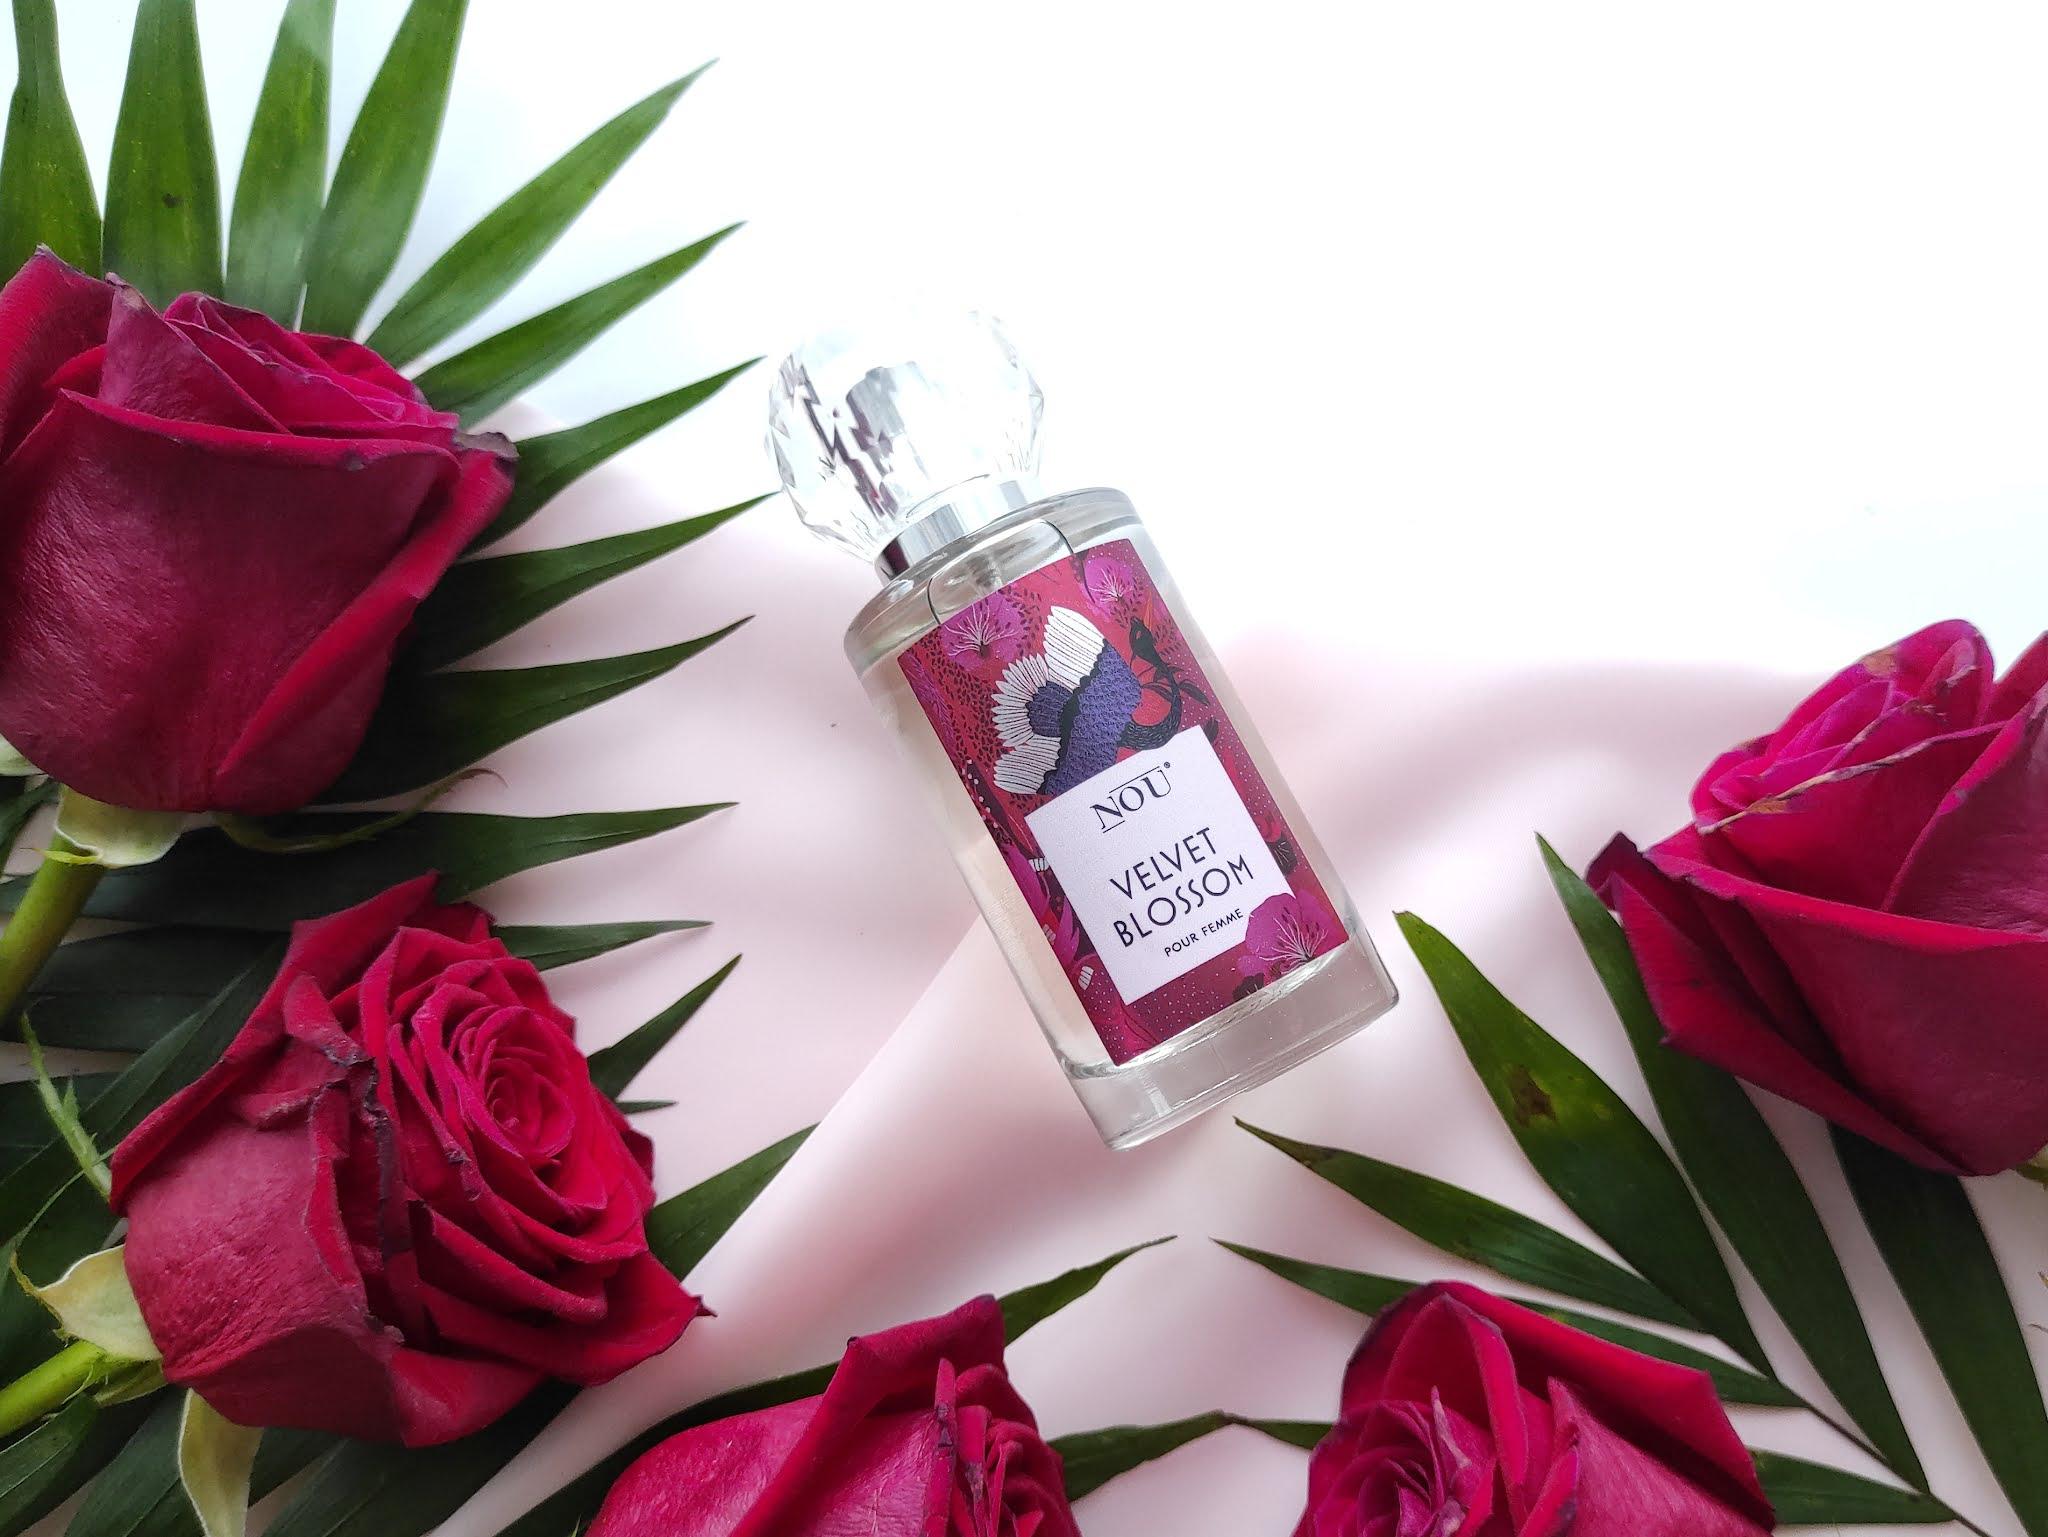 Perfumy Velvet blossom